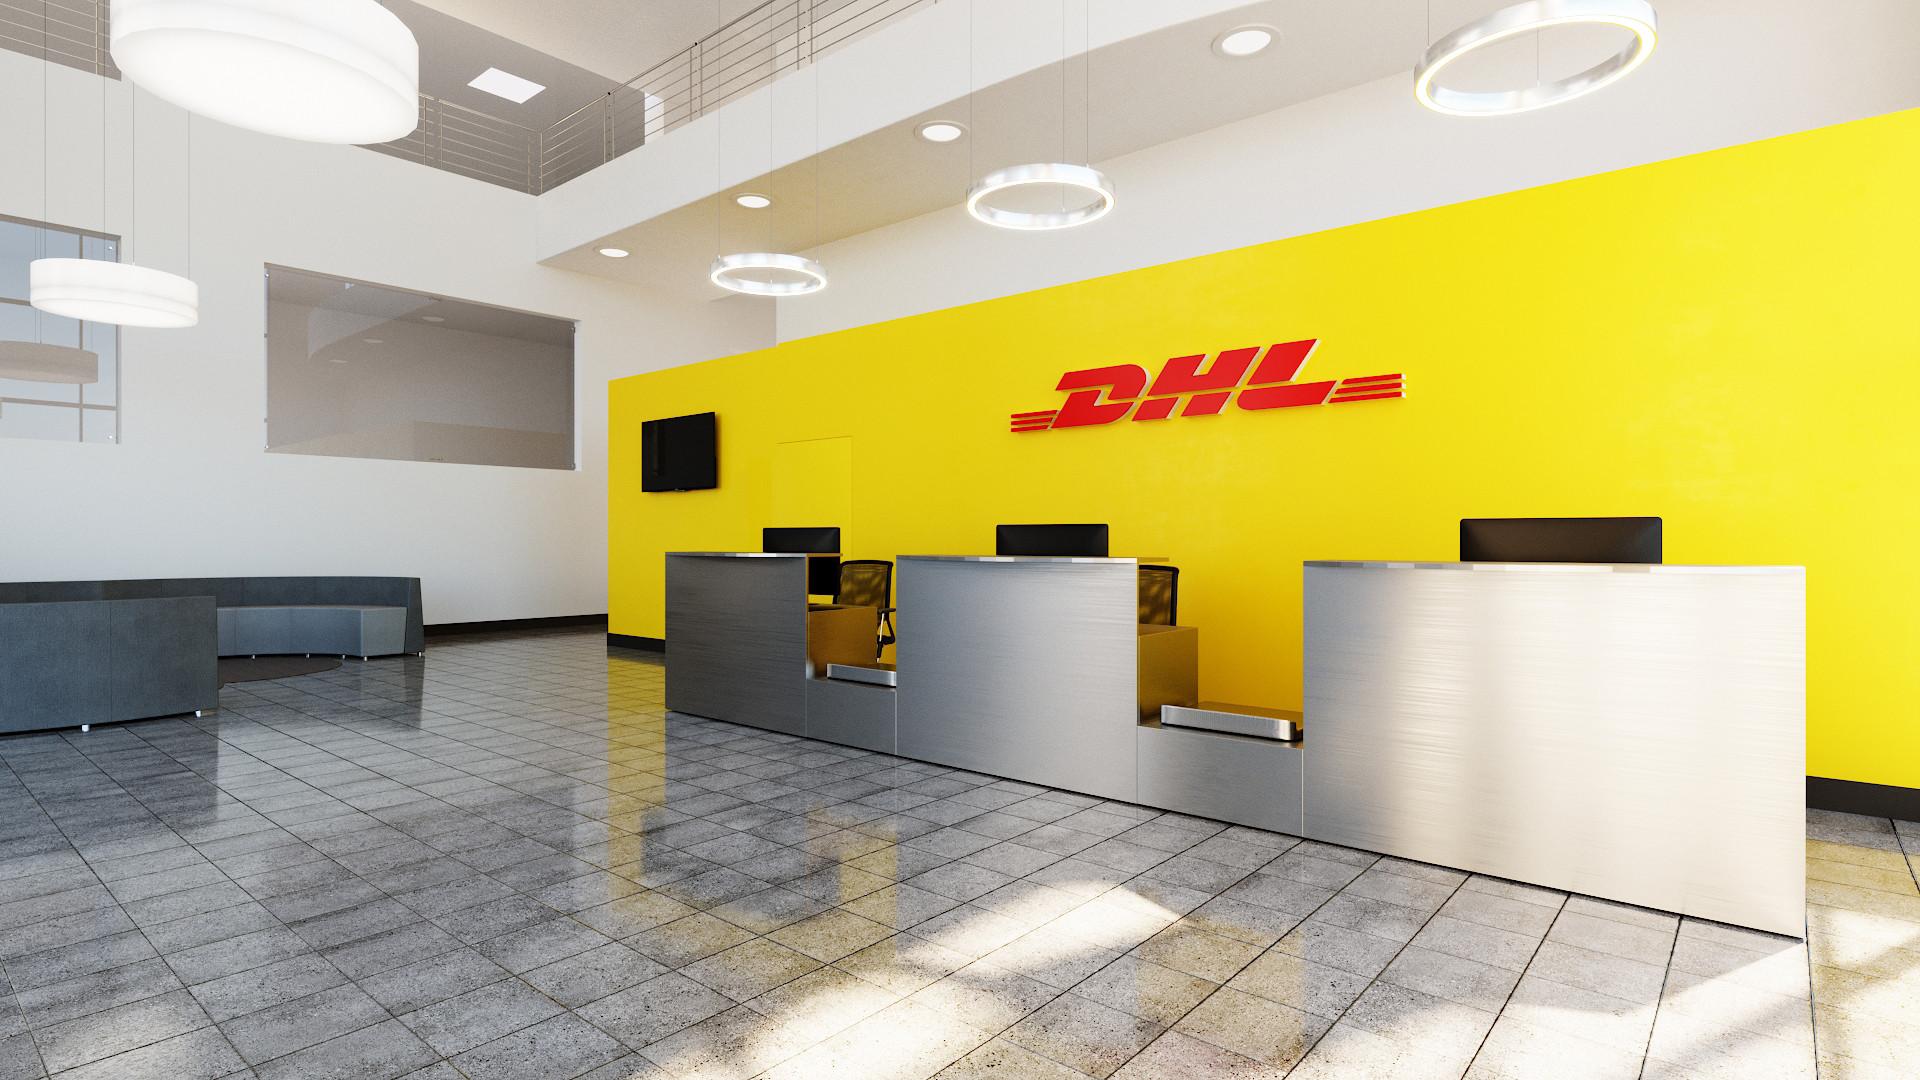 DHL lobby reception